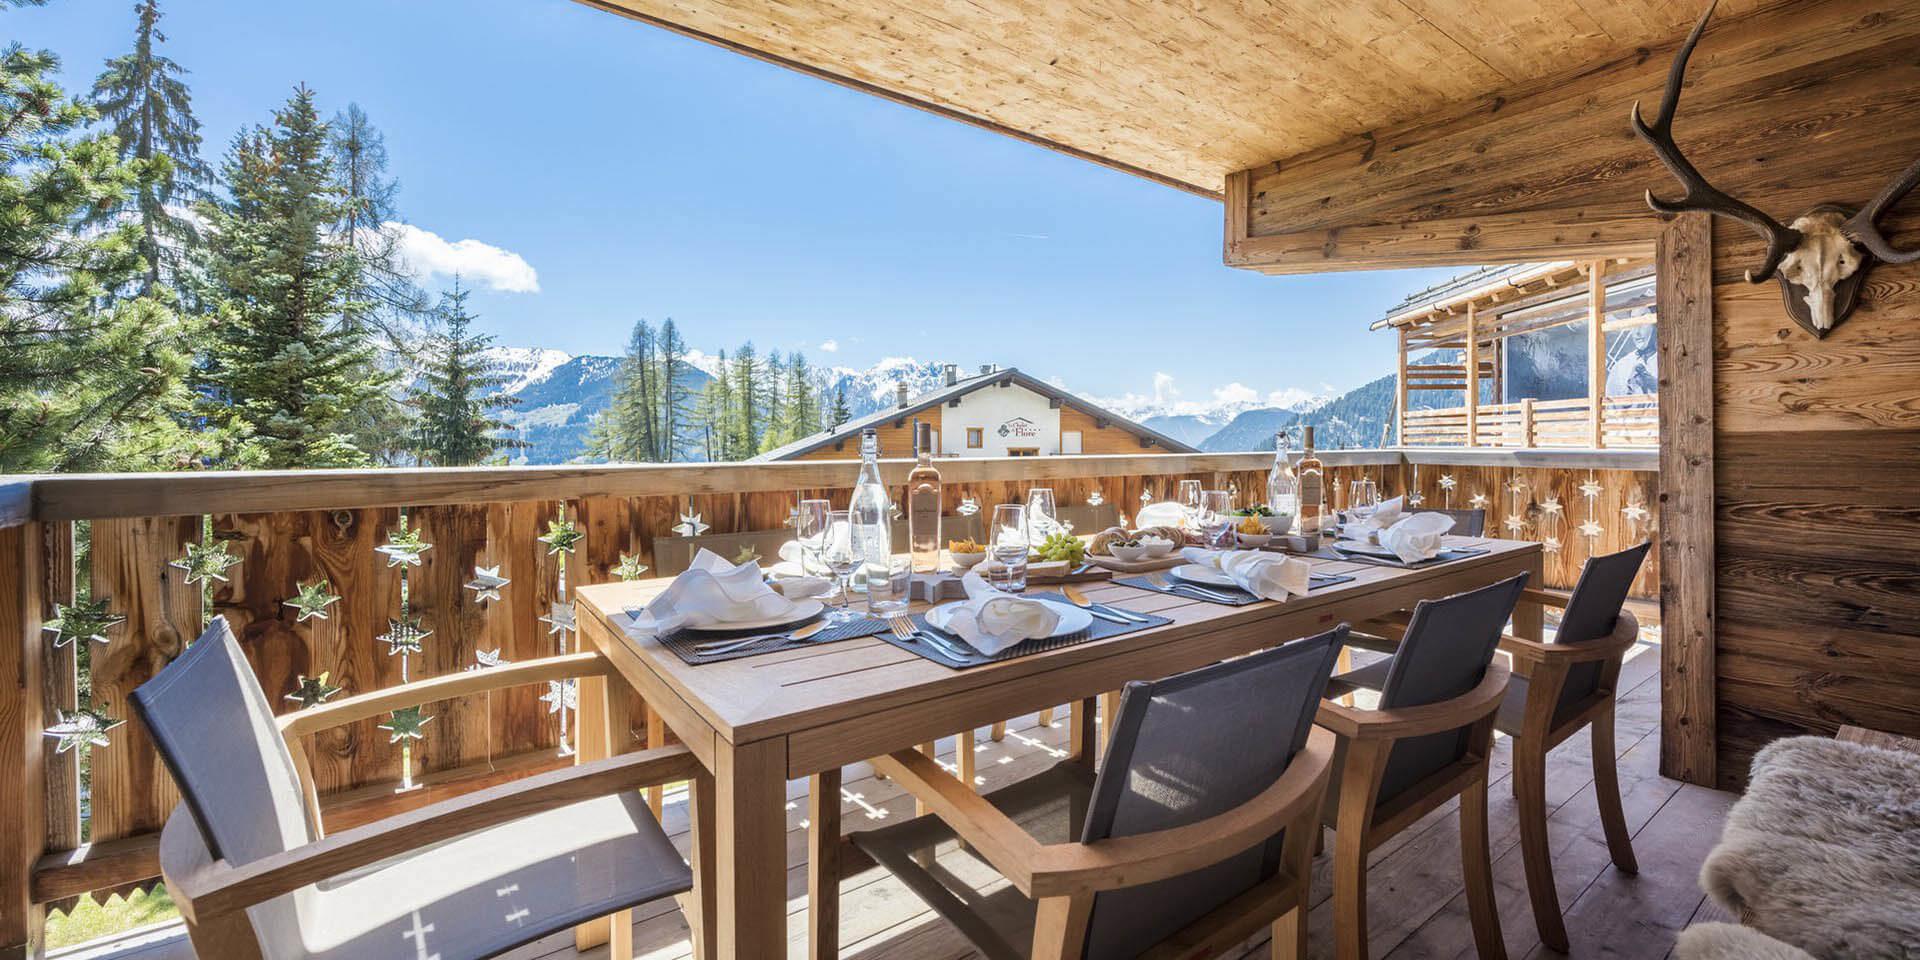 Appartement Rosalp 4 Verbier Les 4 Vallees Zwitserland wintersport skivakantie luxe groot terras zonnig gedekte tafel stoelen kleden gewei uitzicht sneeuw bomen bergen